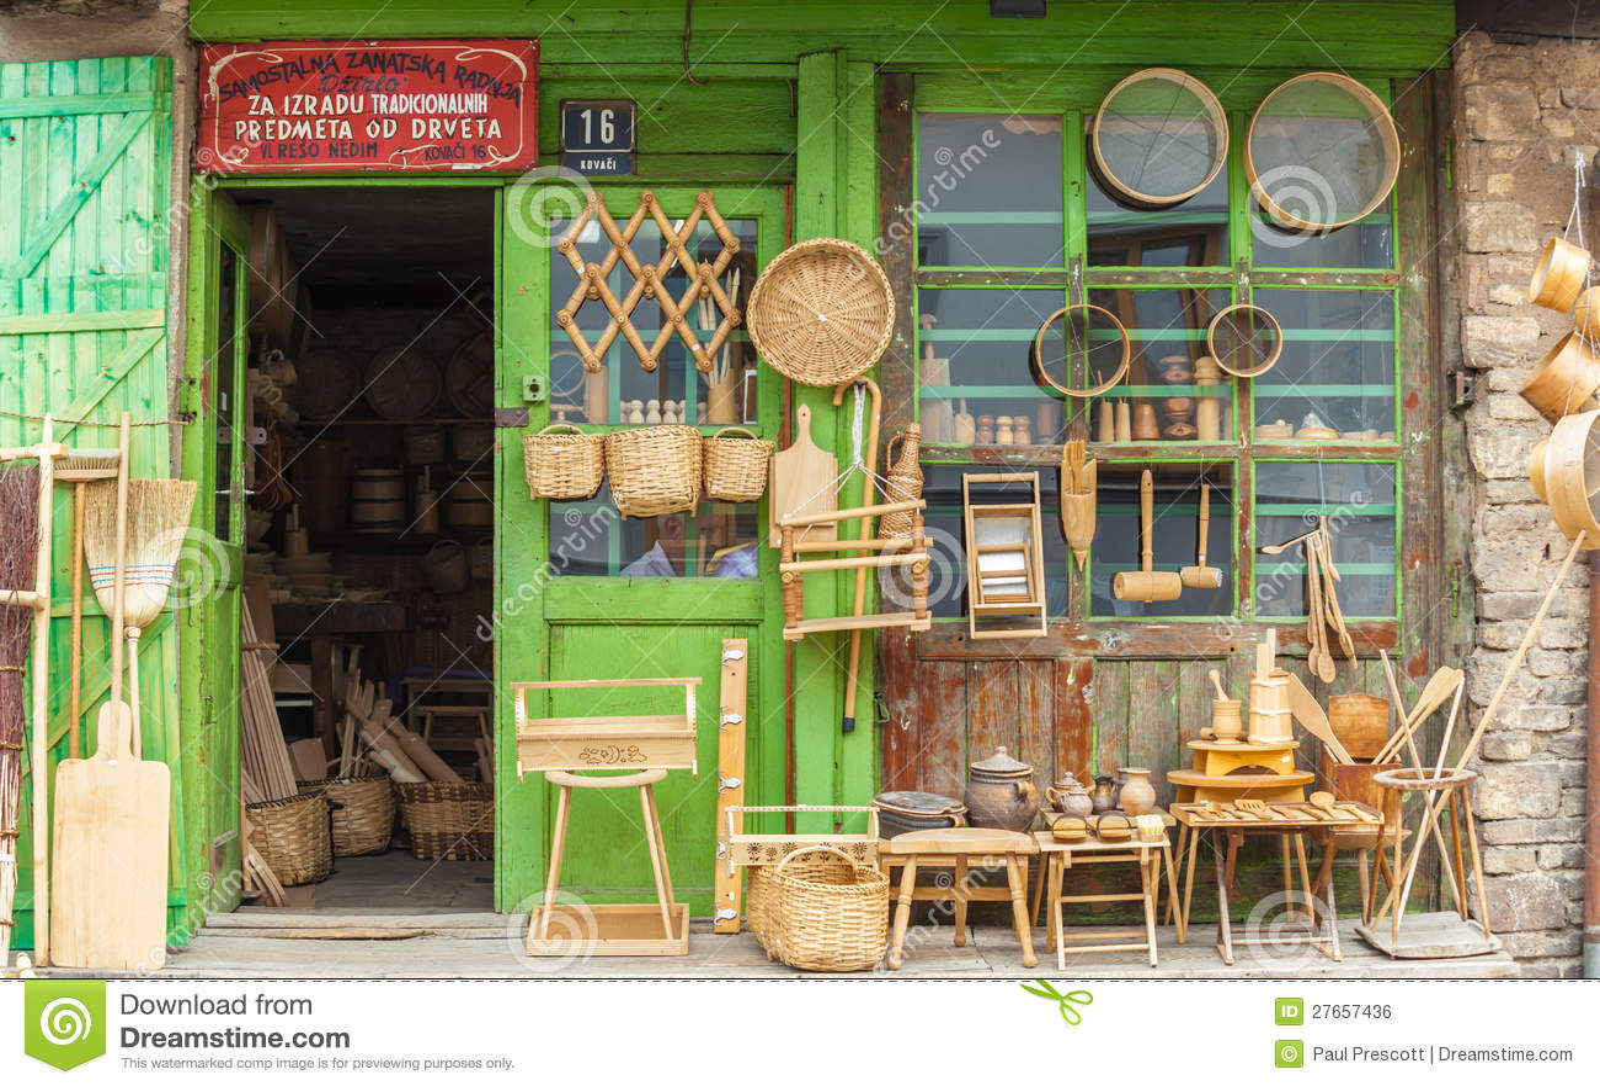 Winkel in Sarajevo